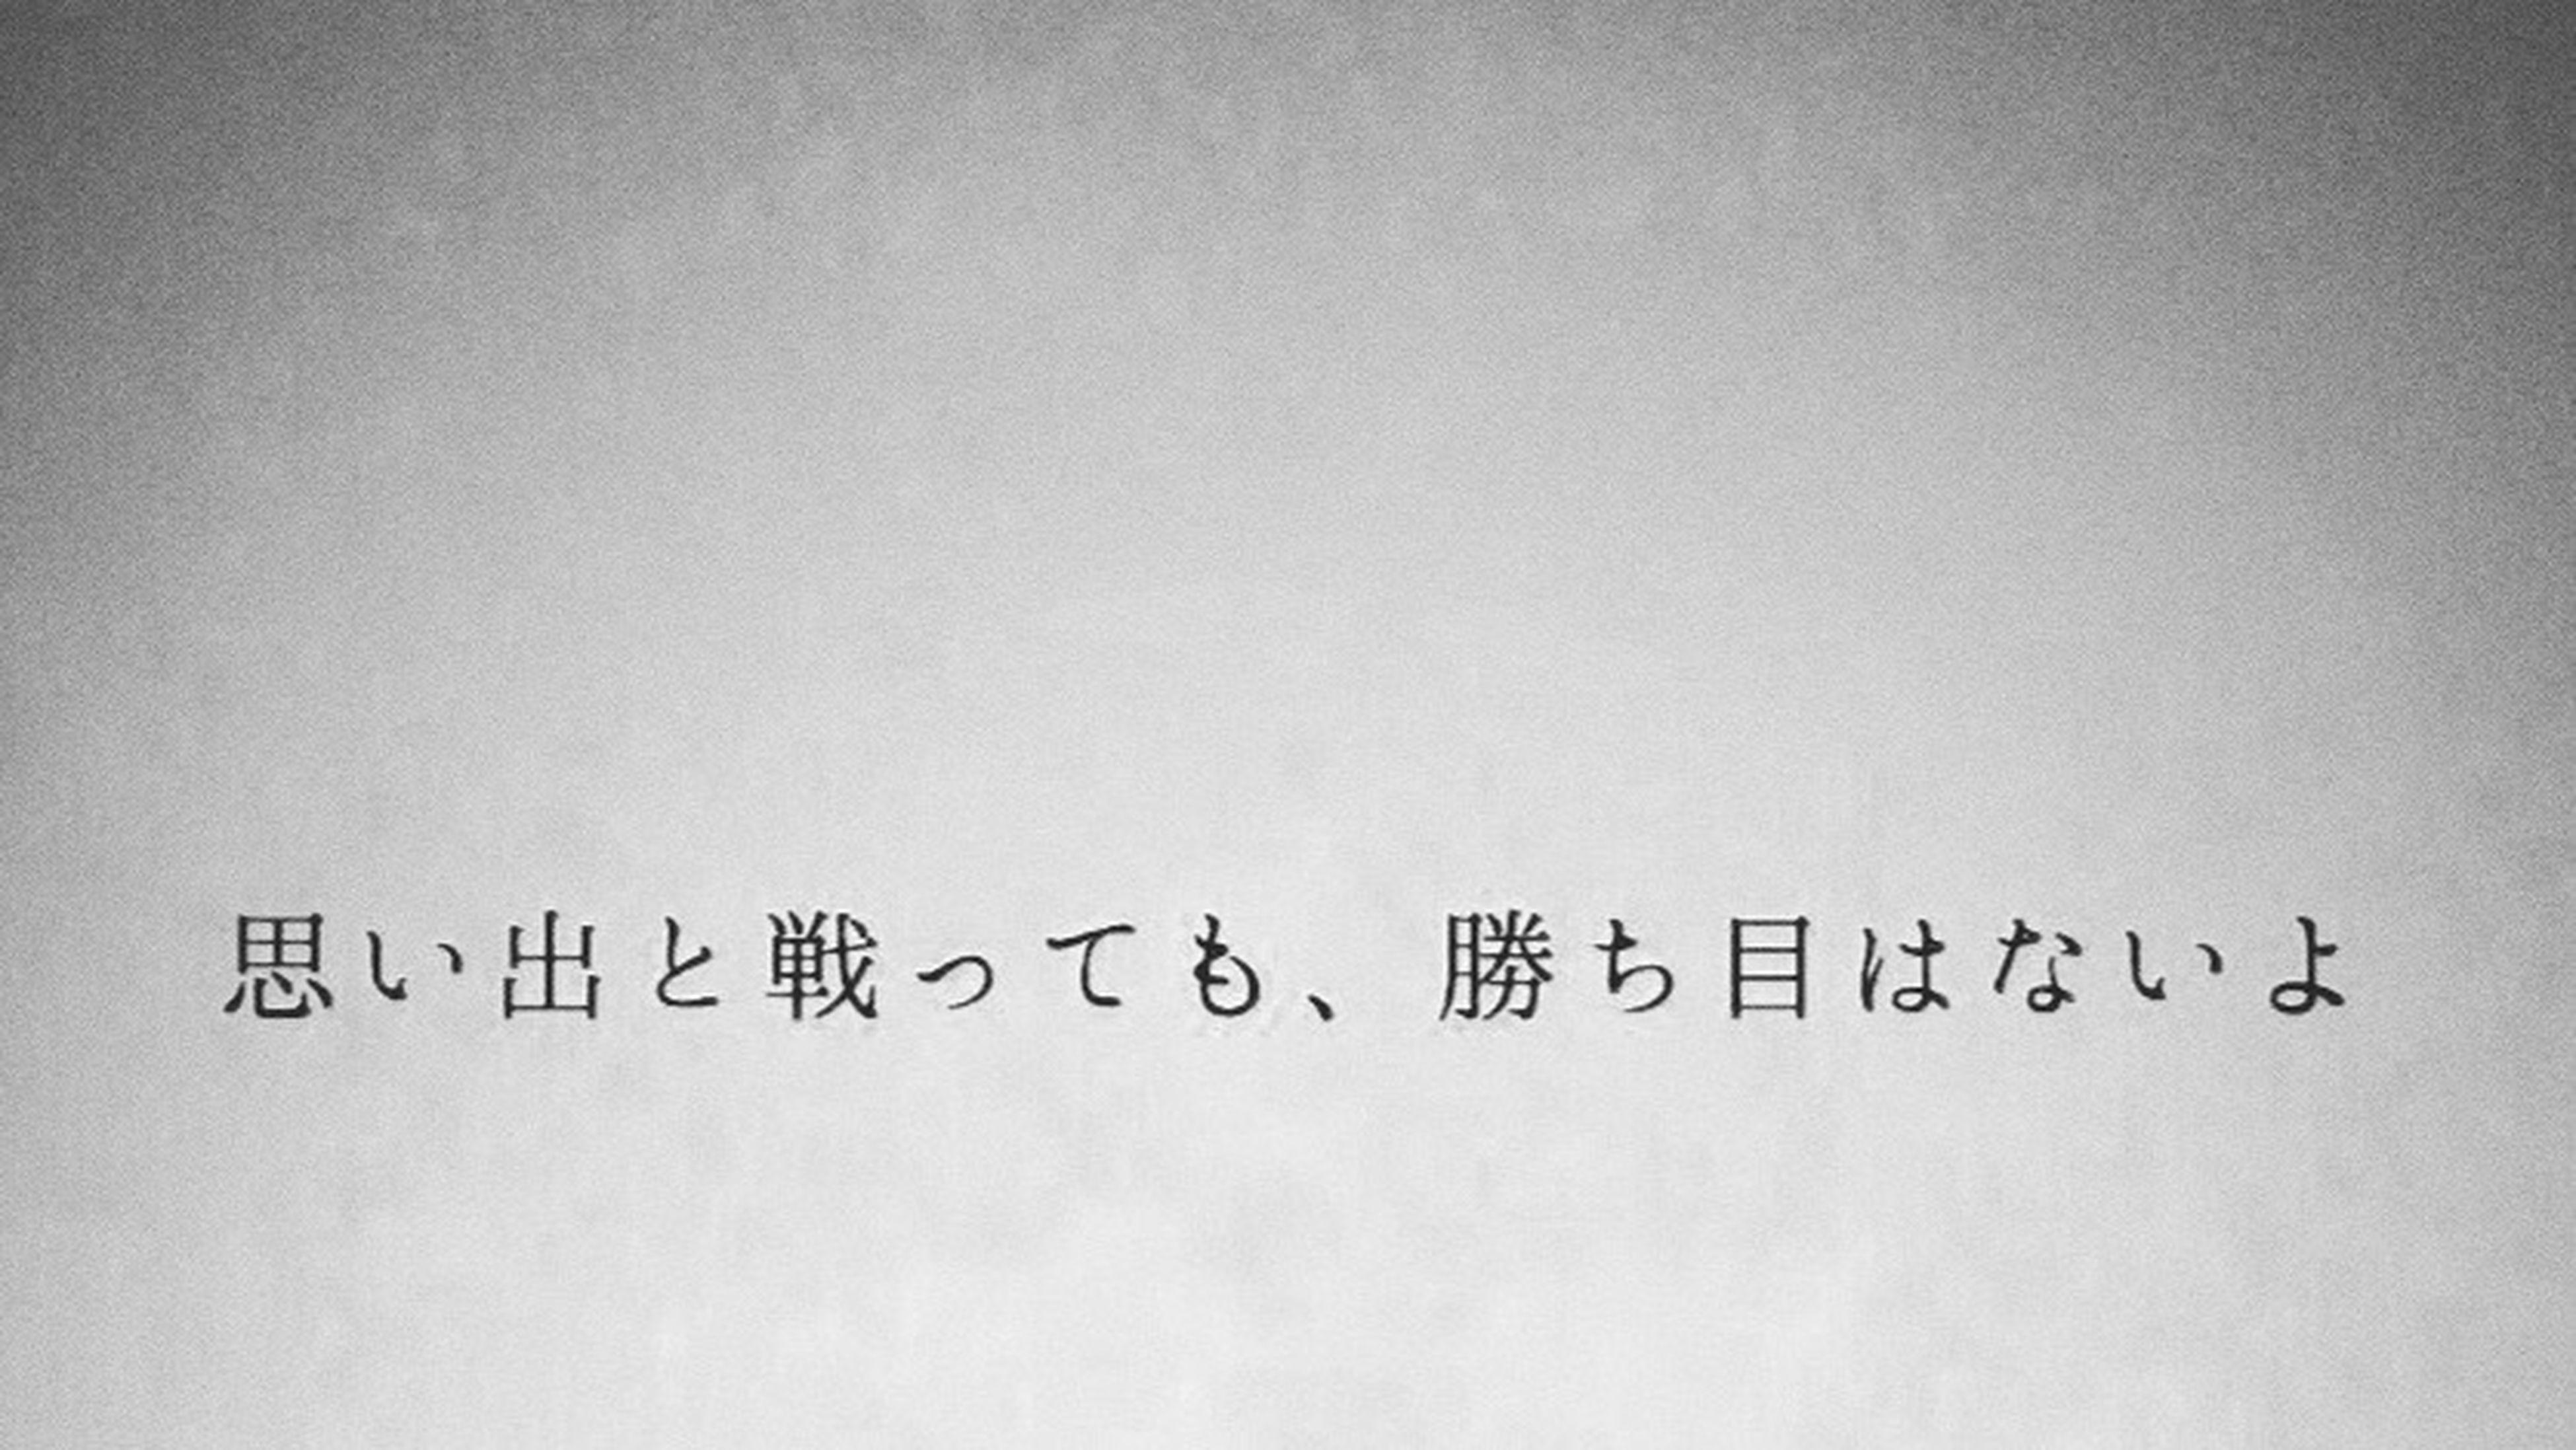 この言葉に少し救われた気がした ジブリ Jiburi Japanese  Japanesemovie MOVIE 思い出と戦っても、勝ち目はないよ Words 言葉